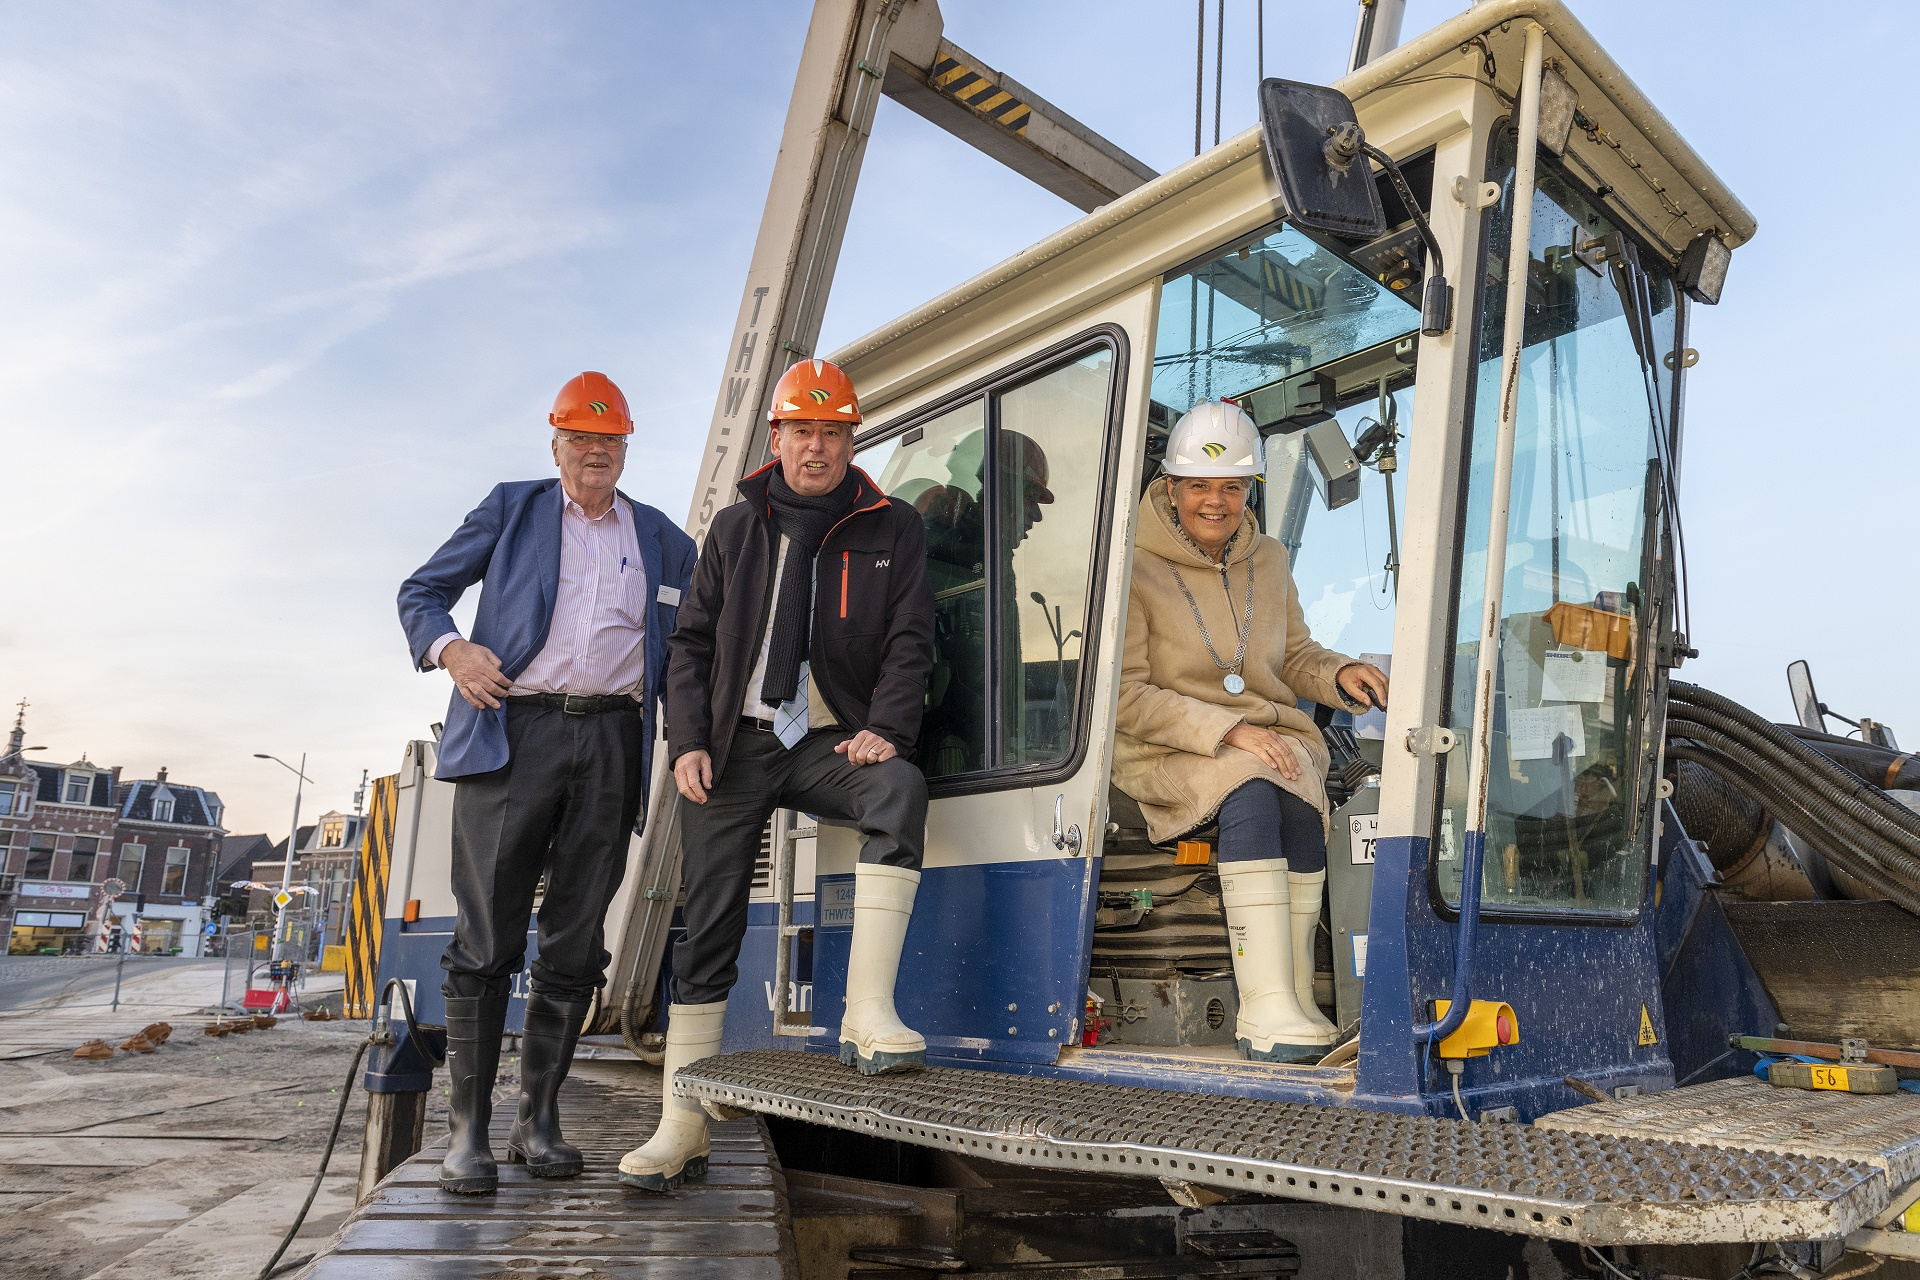 3 personen bij een kraan vieren van de start van de bouw van Huis van Delft